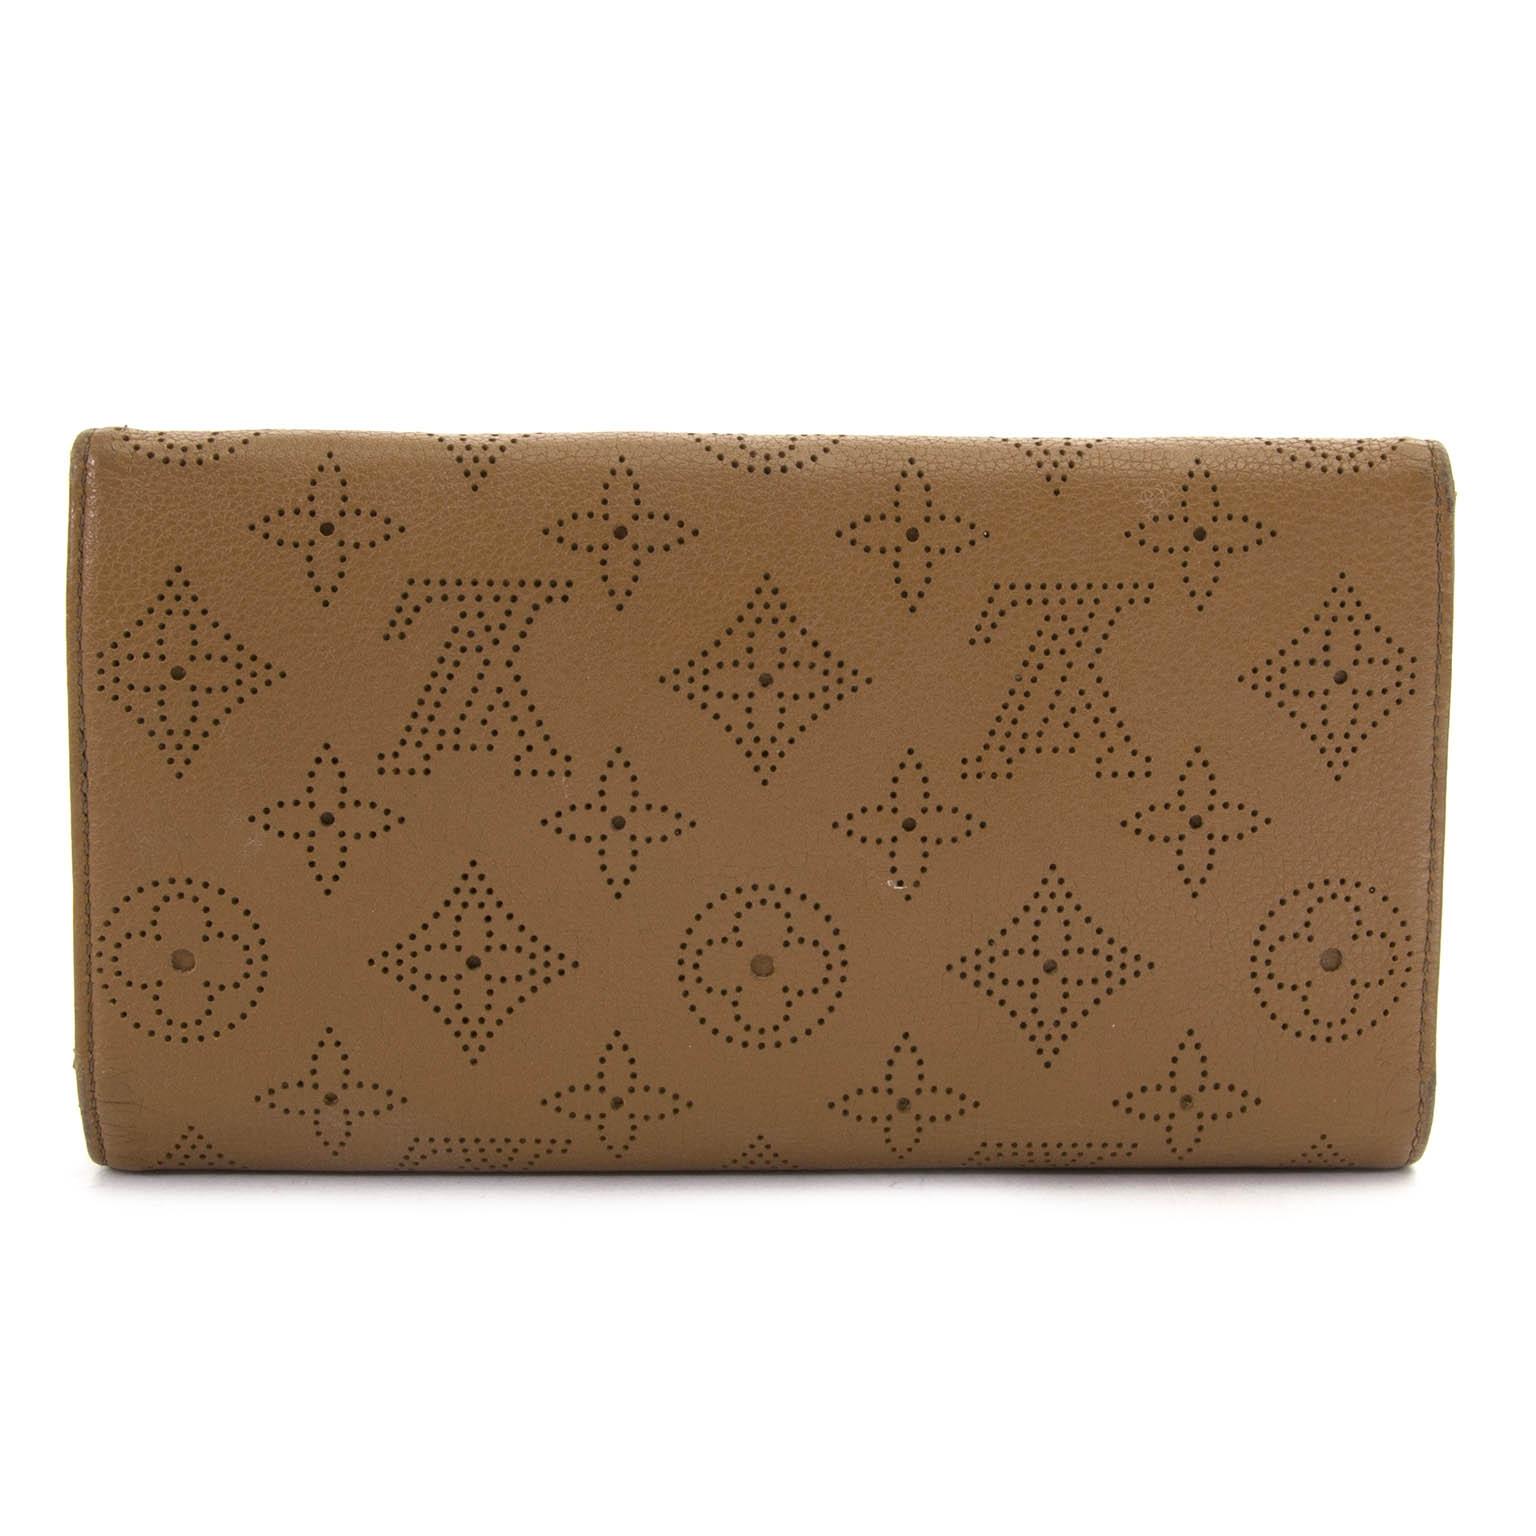 064a7d2f611b ... achetez Louis Vuitton Cognac Leather Amelia Wallet chez labellov.com